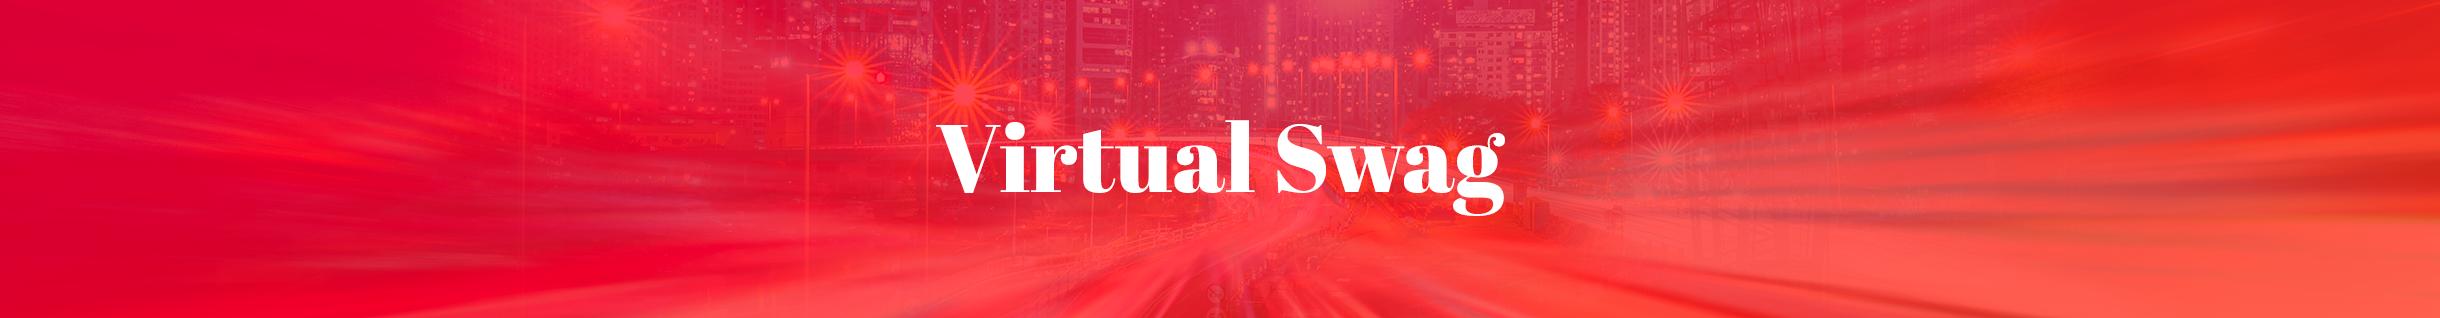 Virtual Swag